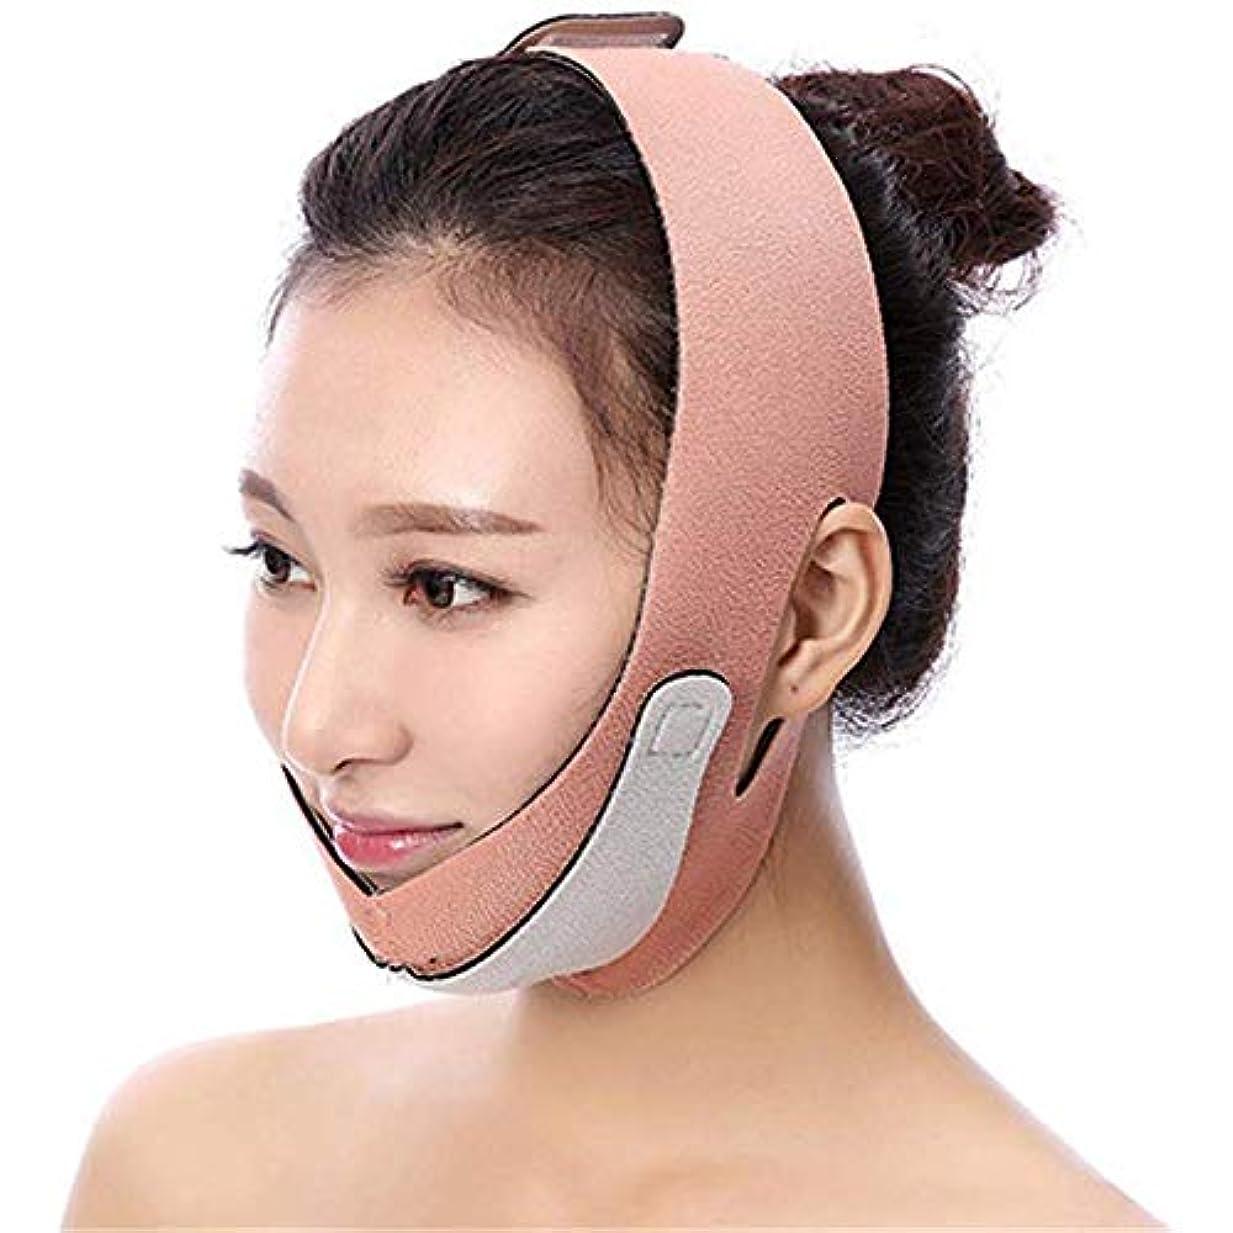 剪断印象的などうしたのWSJTT 顔のスリミングチンストラップ - チンをエイジングアンチフェイシャルマスクを持ち上げ - 皮膚のたるみ二重あごケア減量フェイスベルト、Vフェイスライン包帯ネックサポートフェイシャルリフトを排除